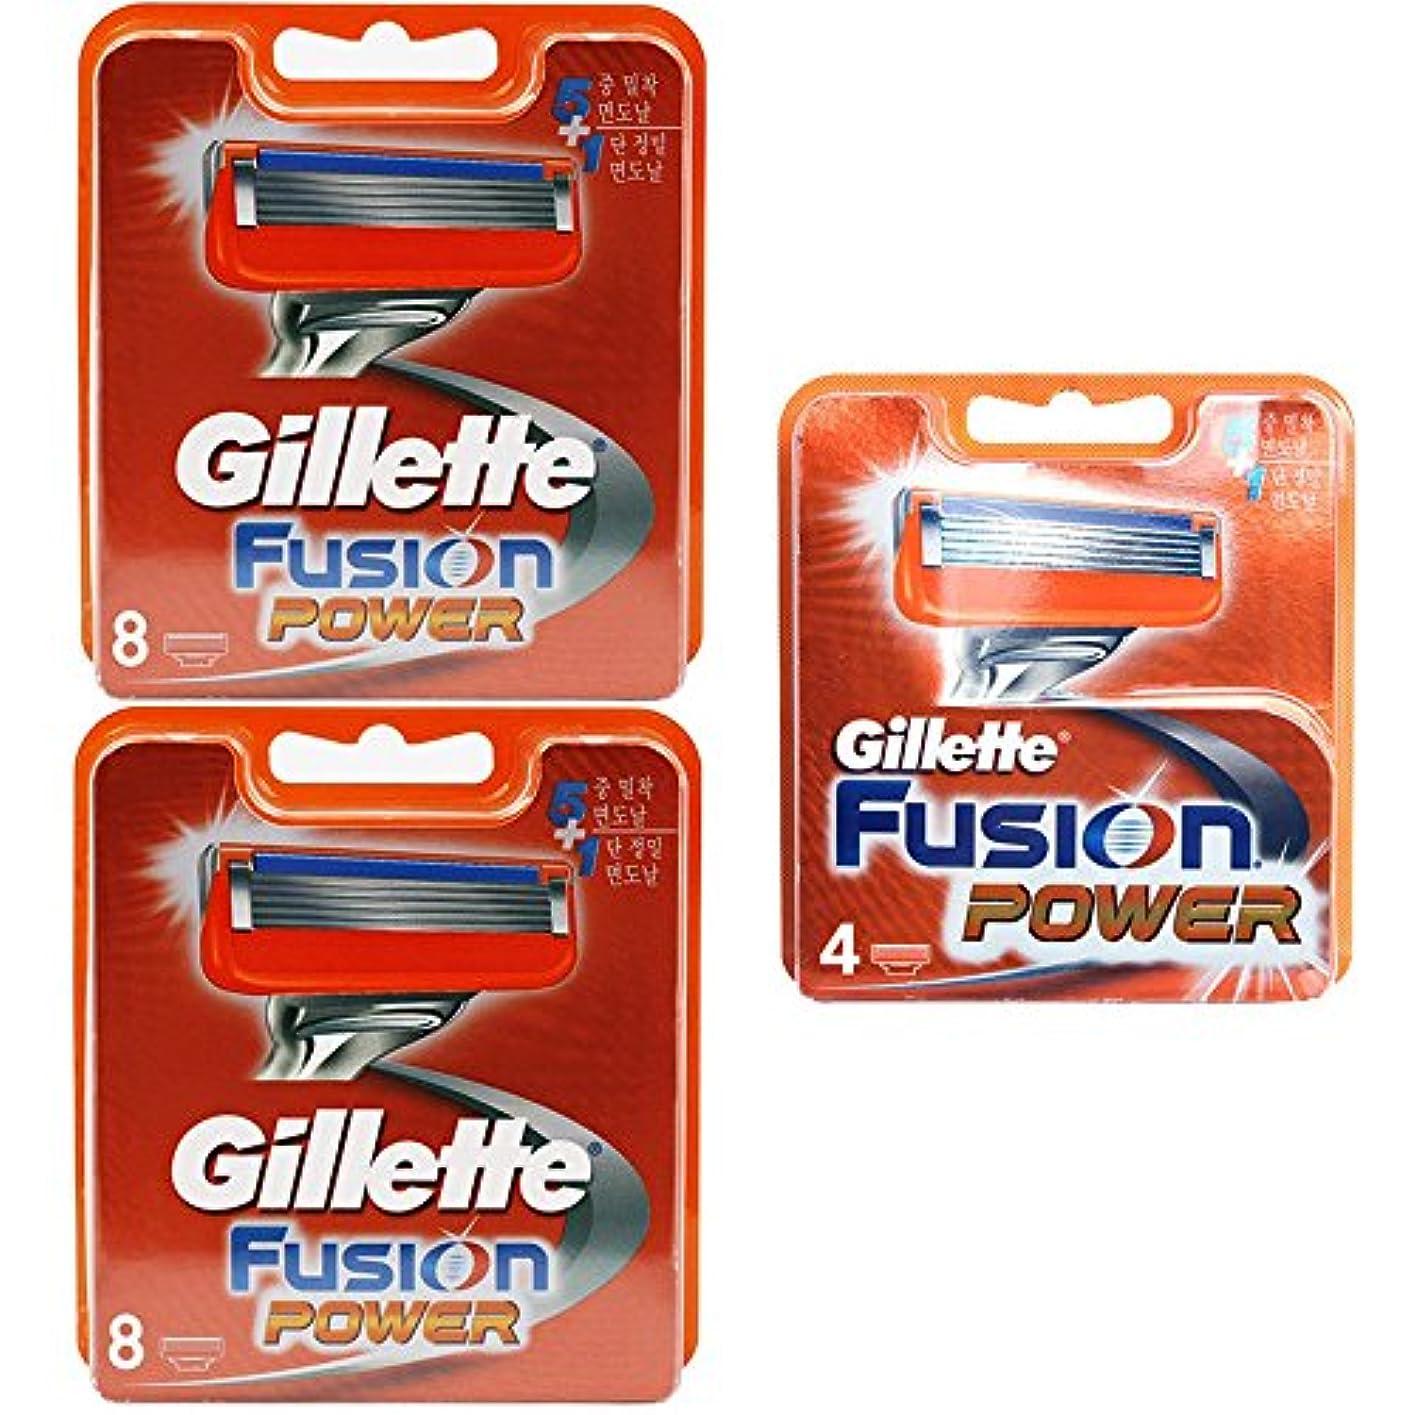 レキシコン判定挨拶Gillette Fusion Power Blades Cartridges 本物のドイツ製 20 Pack [並行輸入品]